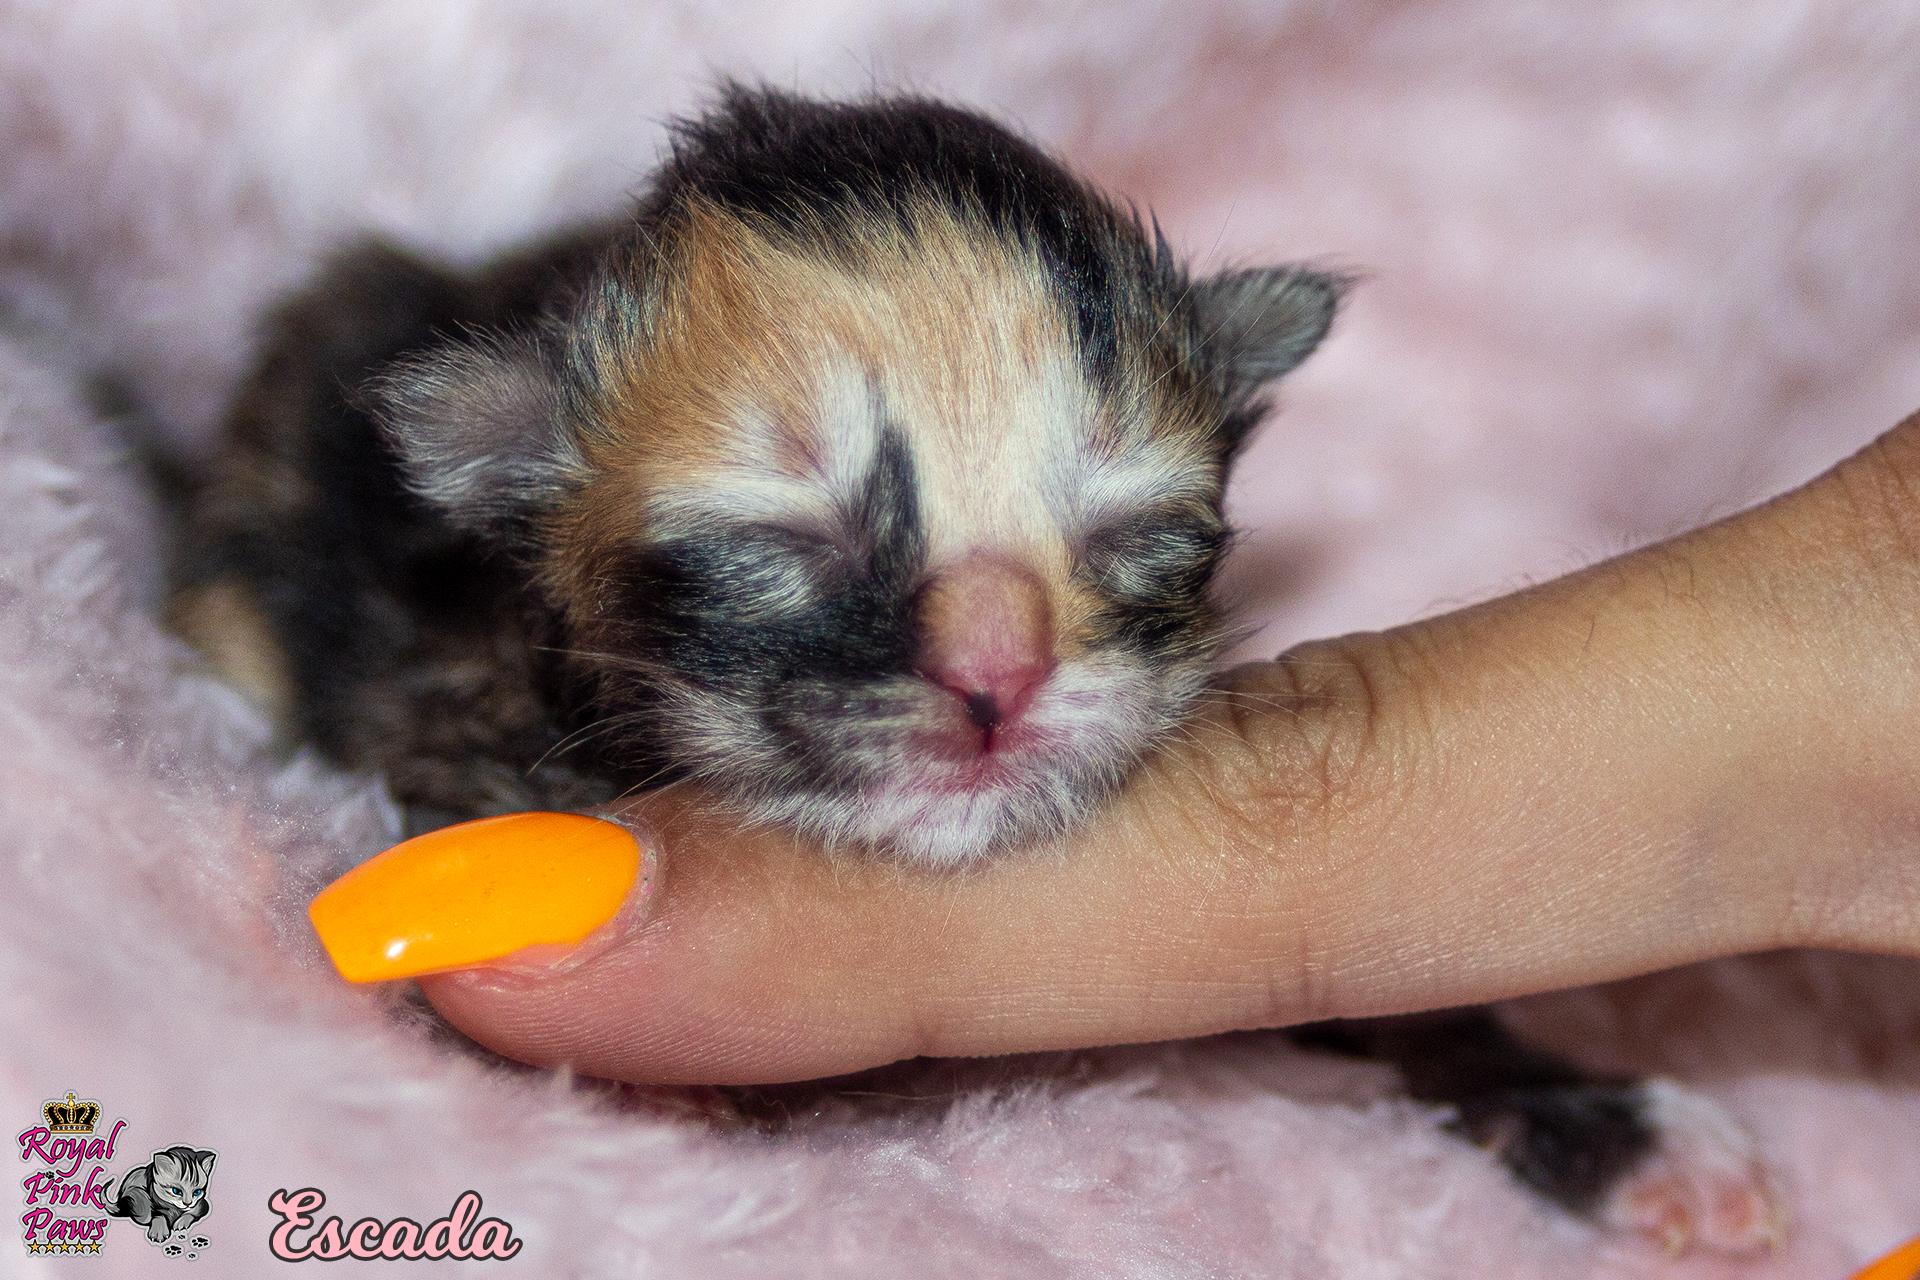 Sibirische Katze - Escada Royal Pink Paws